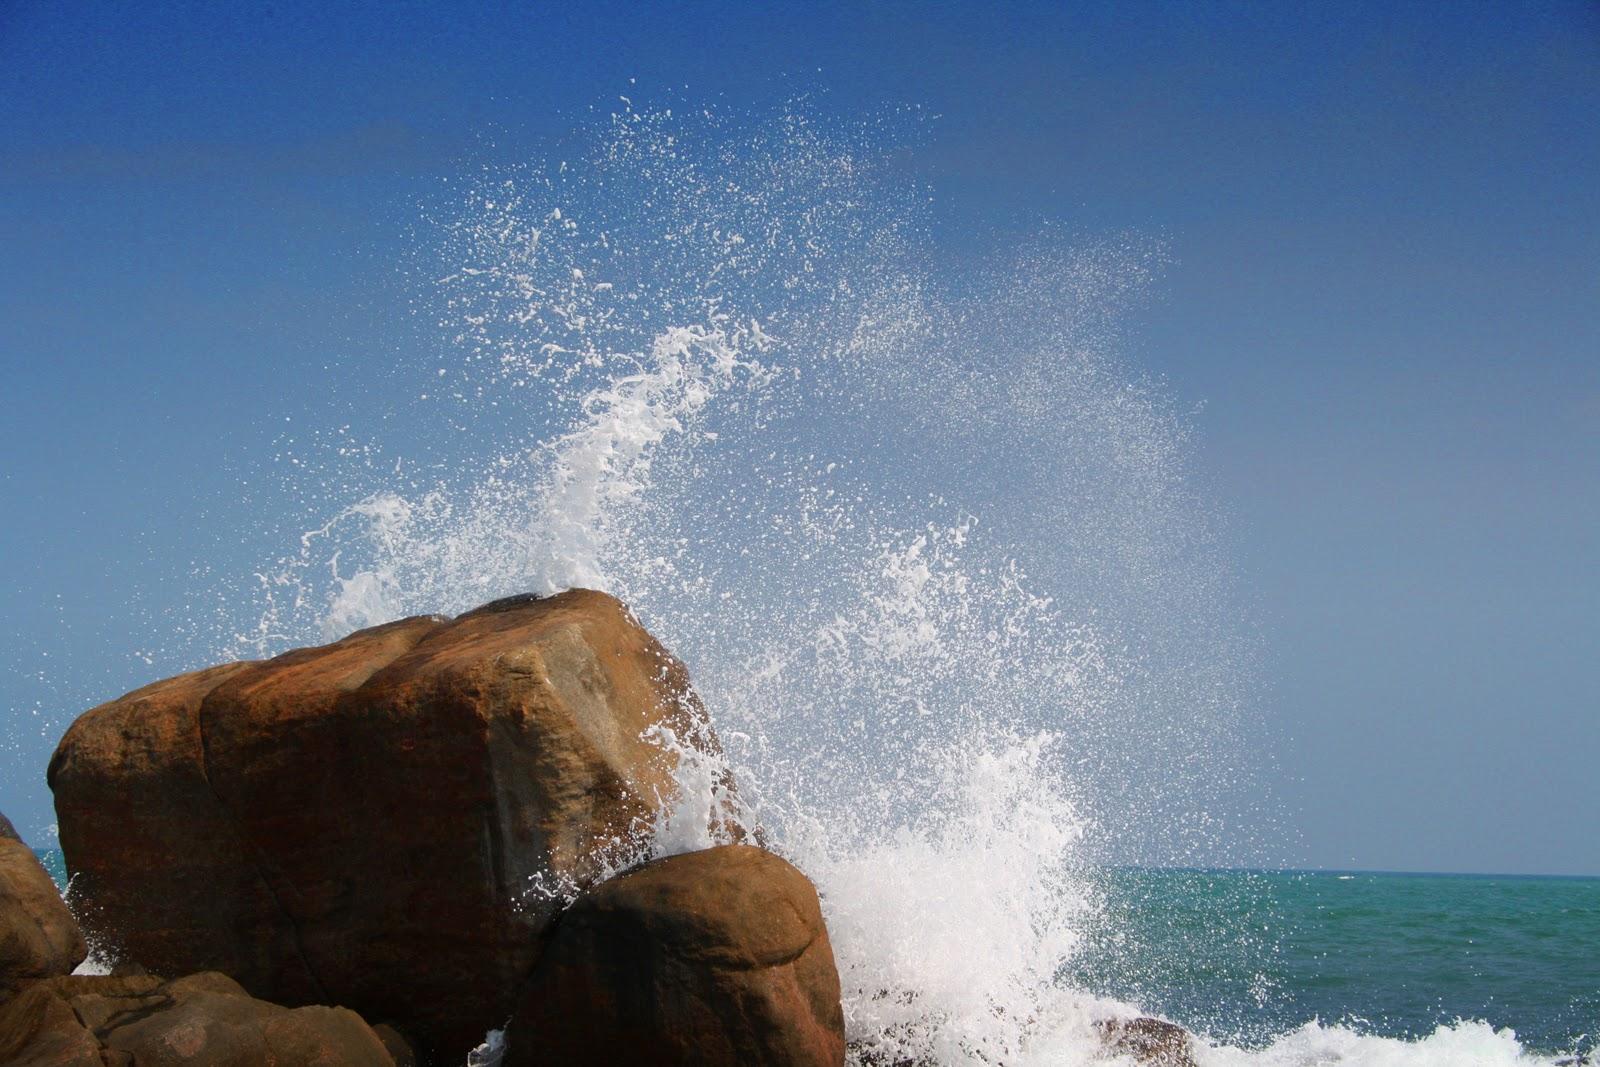 http://4.bp.blogspot.com/-QjcL18BI2HY/TqLnsaIGexI/AAAAAAAAELI/b_F_7bocfyI/s1600/Splash.jpg